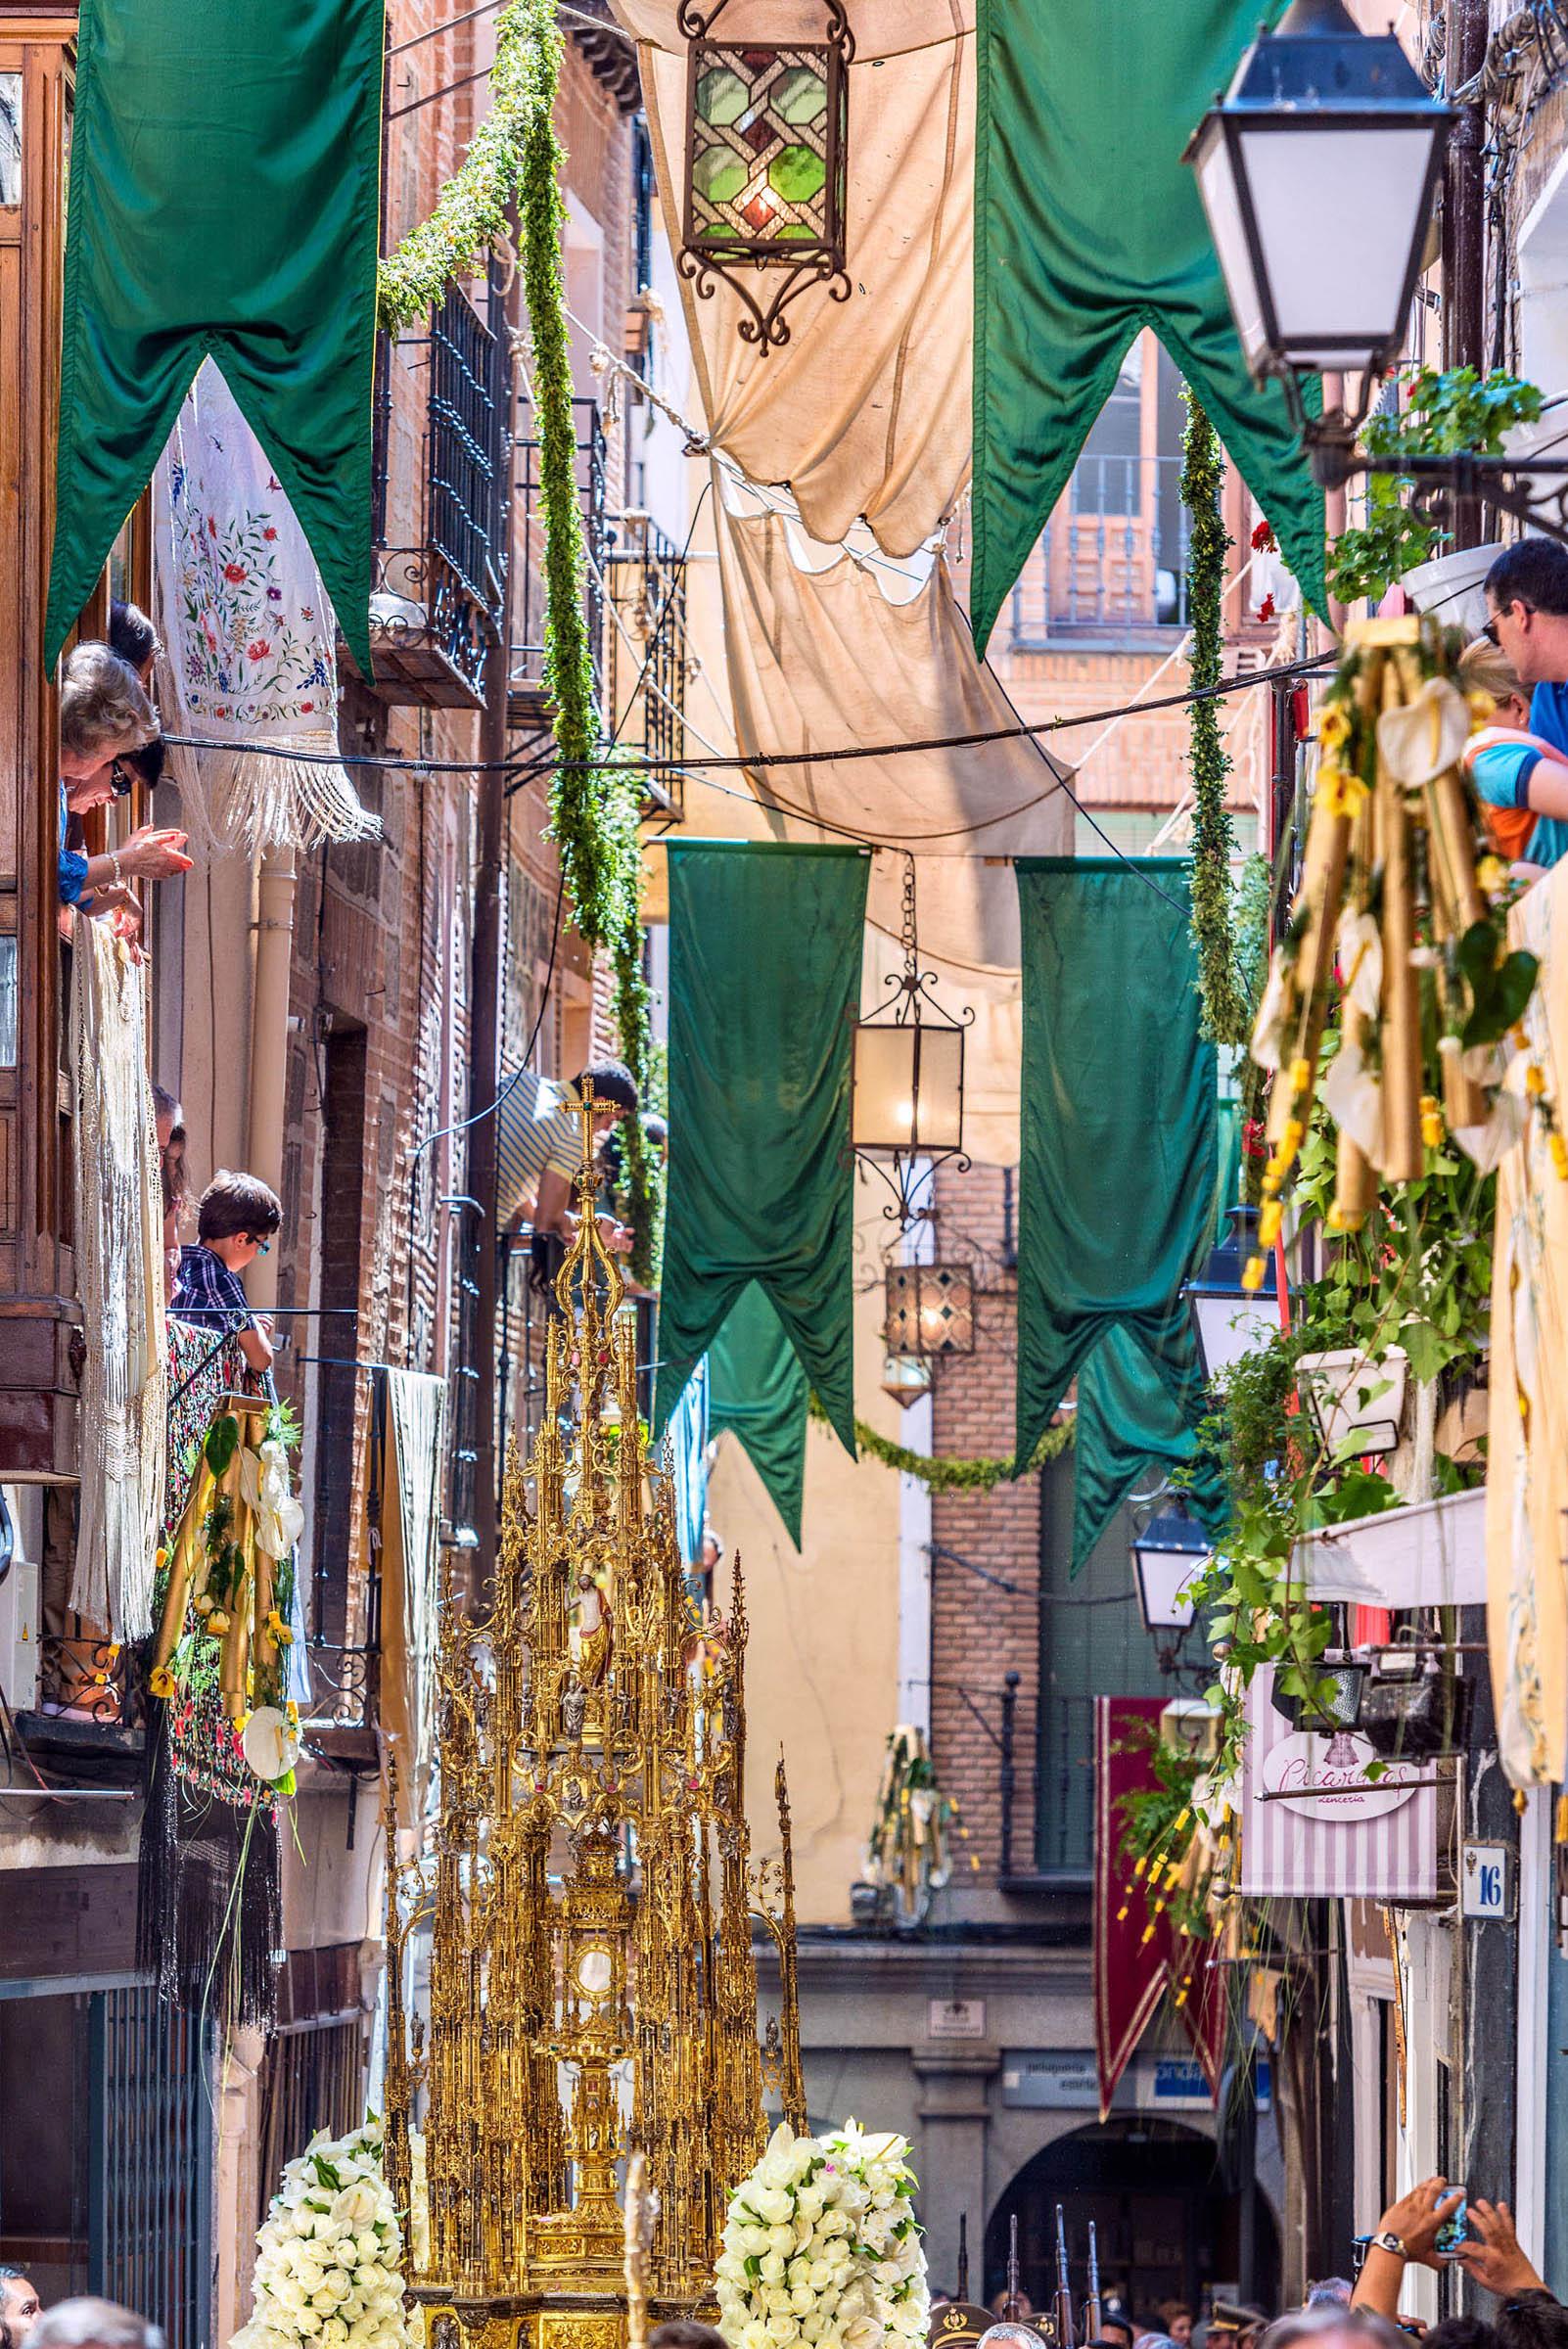 La procesión del Corpus Cristi de Toledo es la más célebre